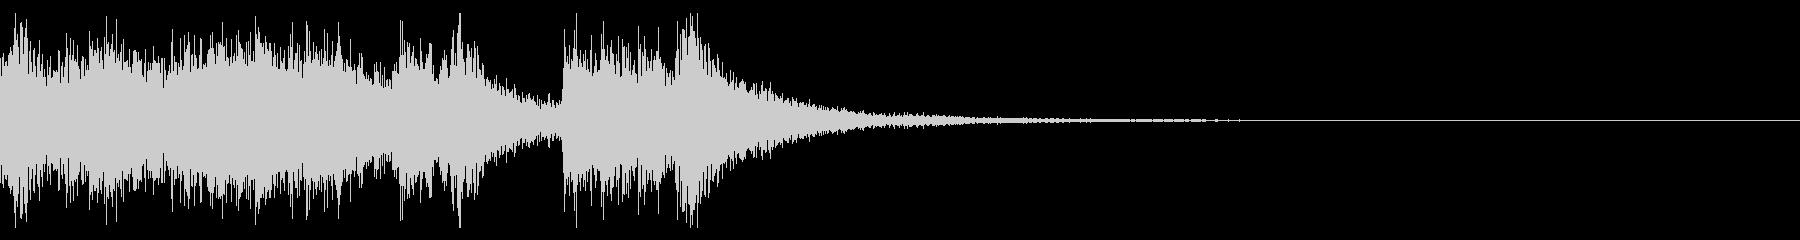 決戦のファンファーレ_定番02の未再生の波形